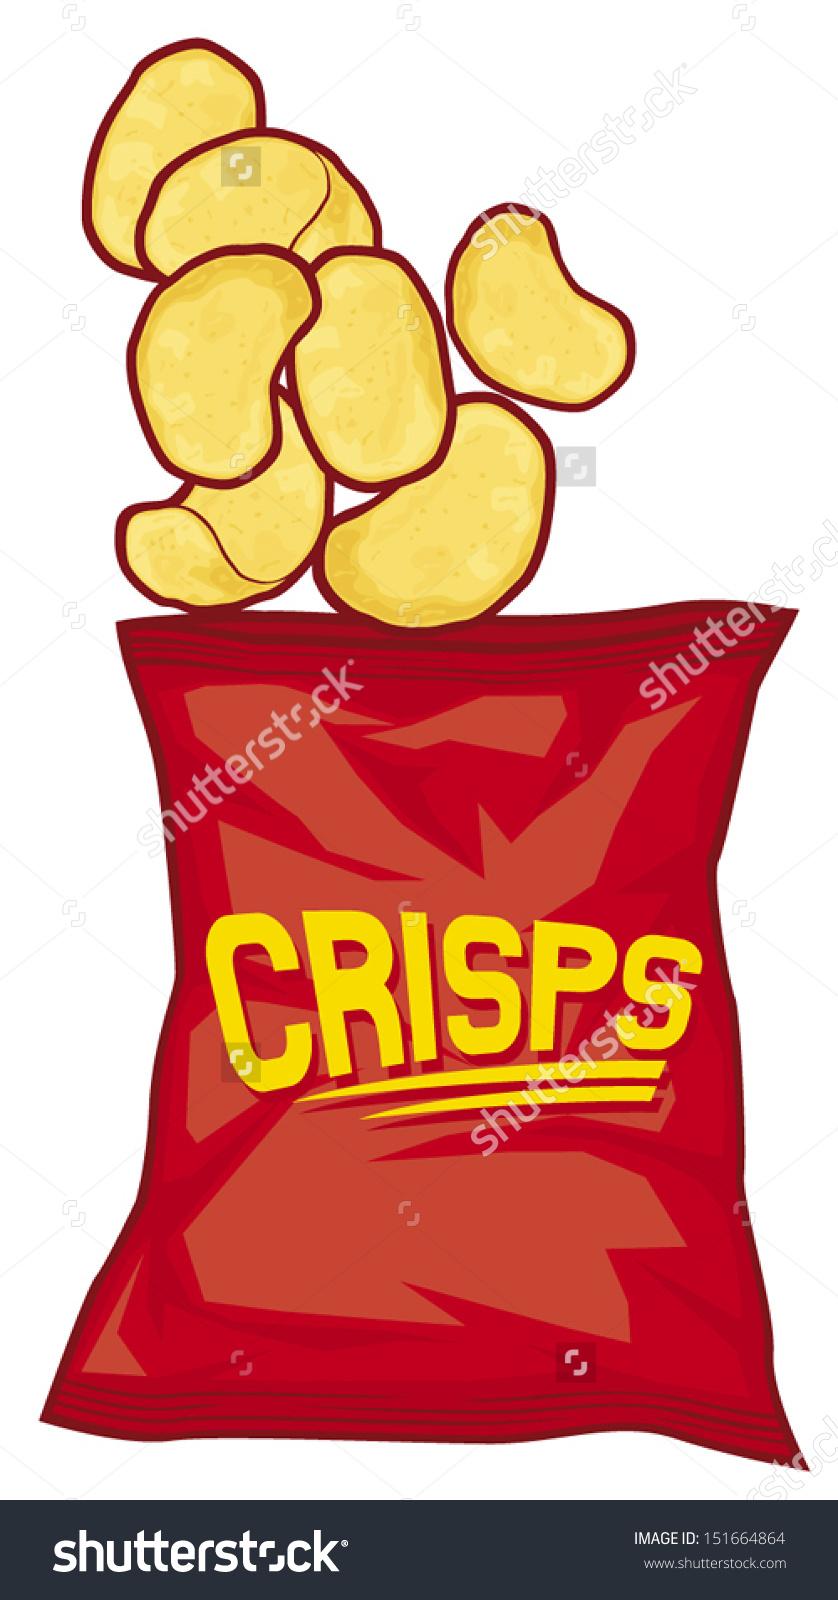 Biscuit clipart potato chip Explore crisps Bags Pinterest Google